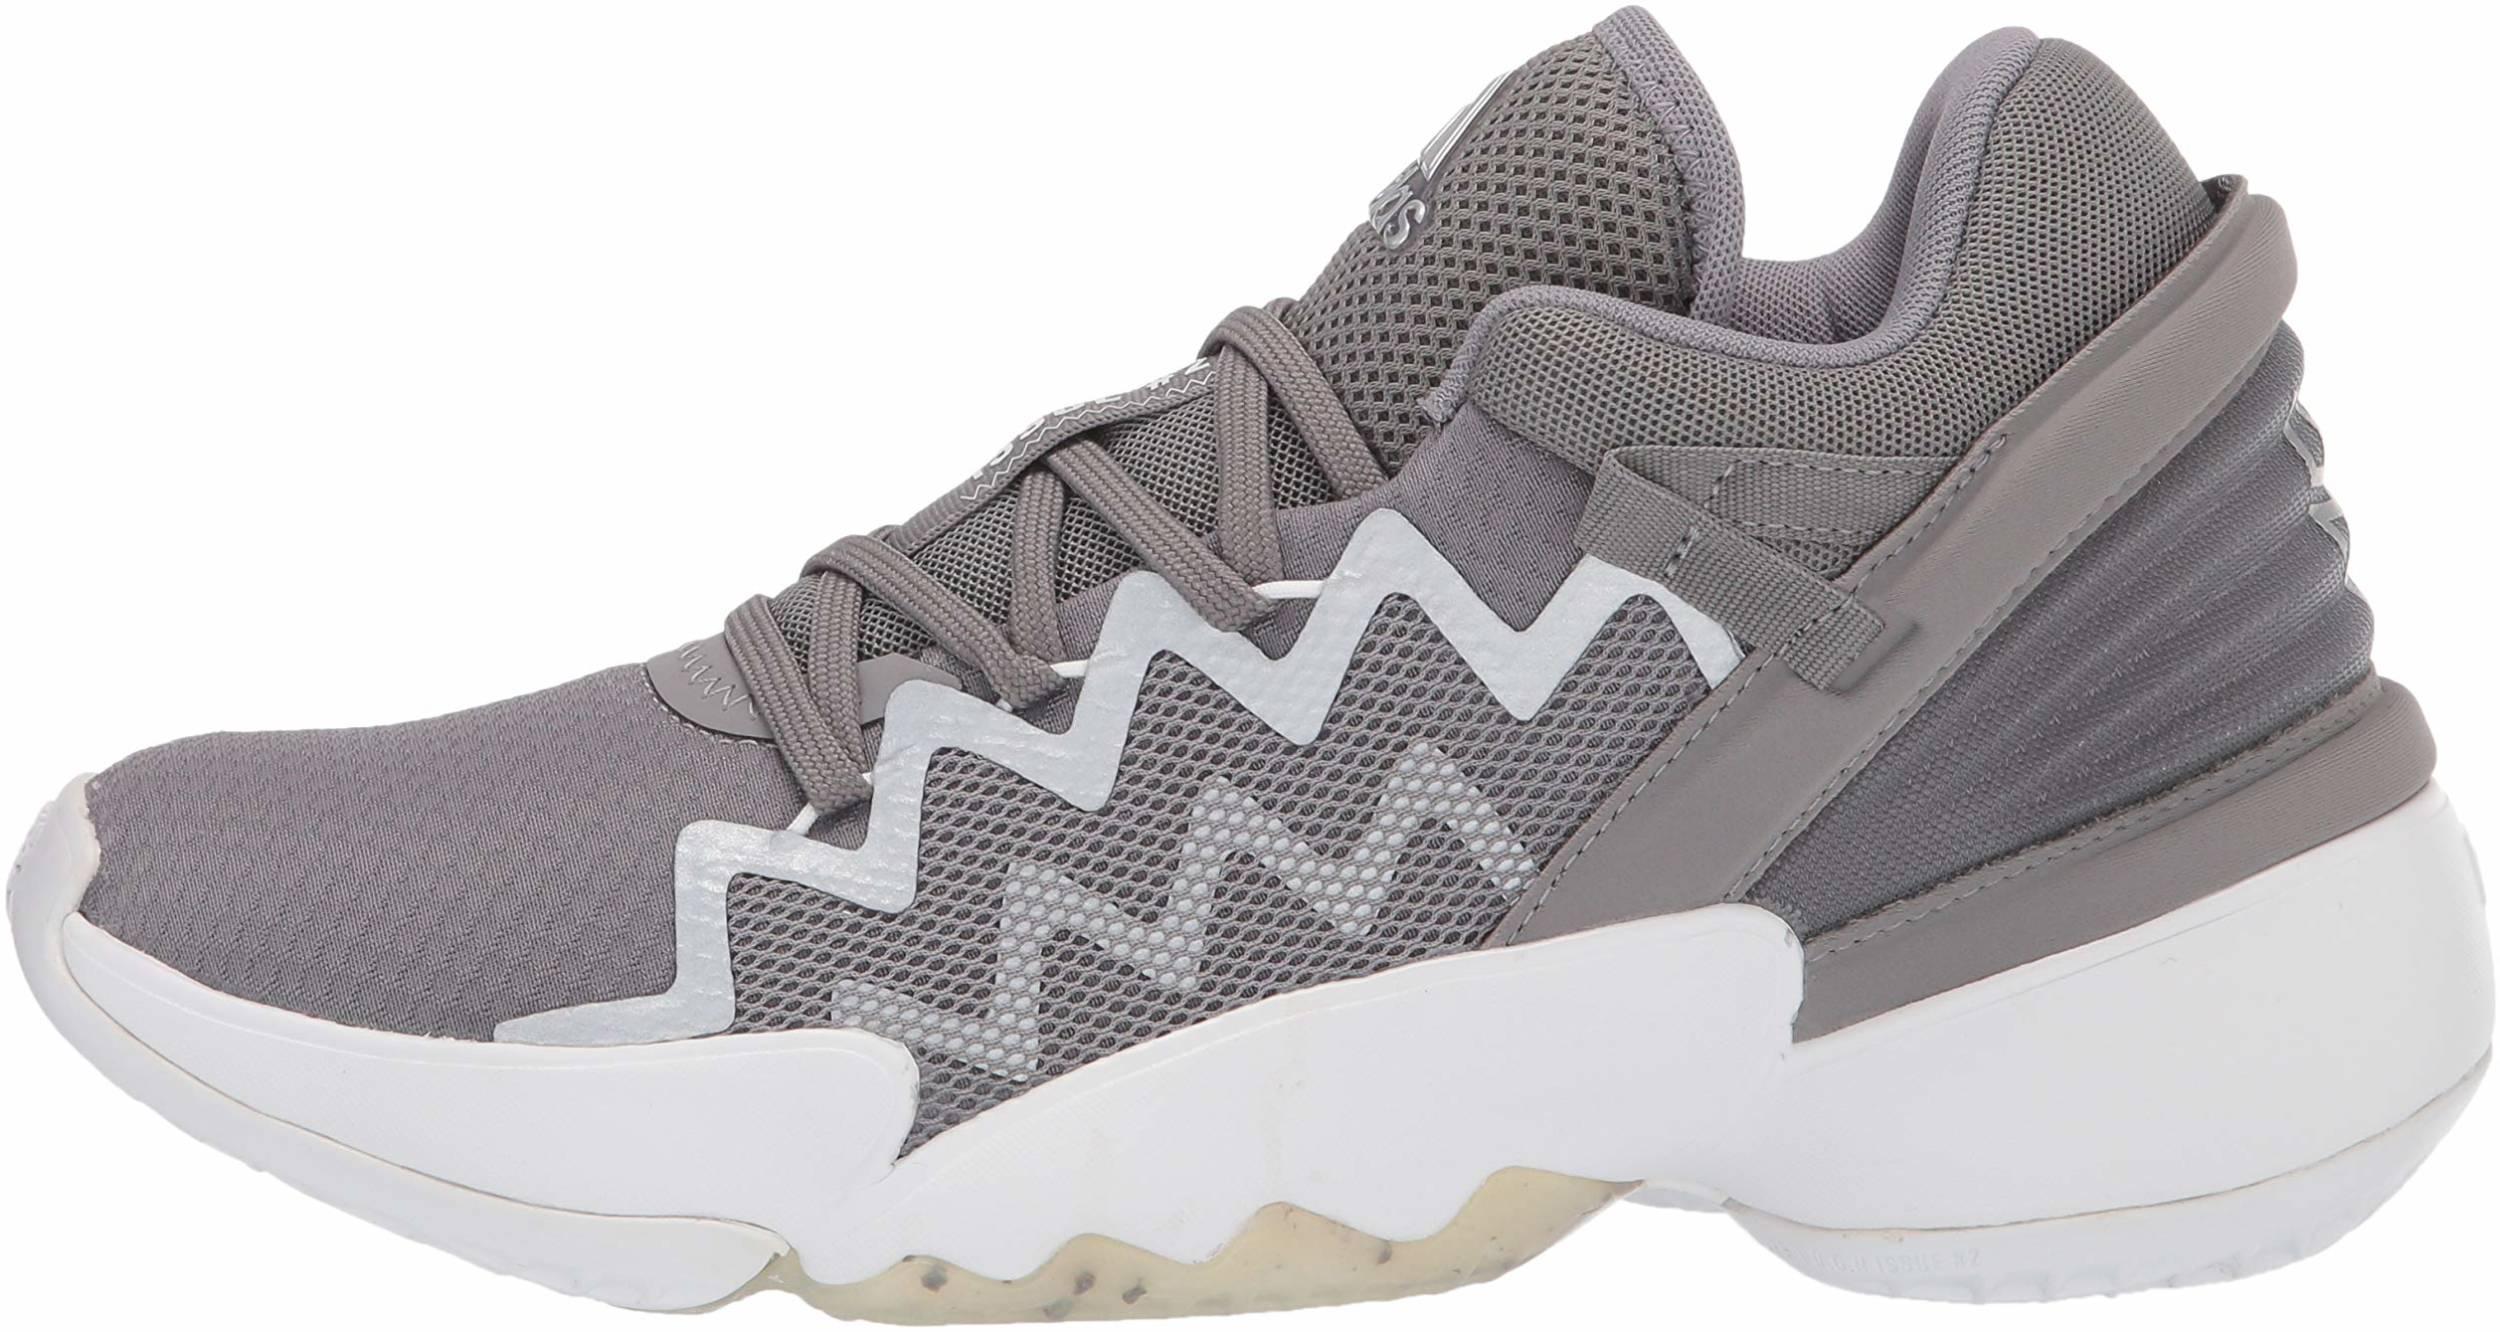 30 Grey Adidas basketball shoes - Save 25%   RunRepeat